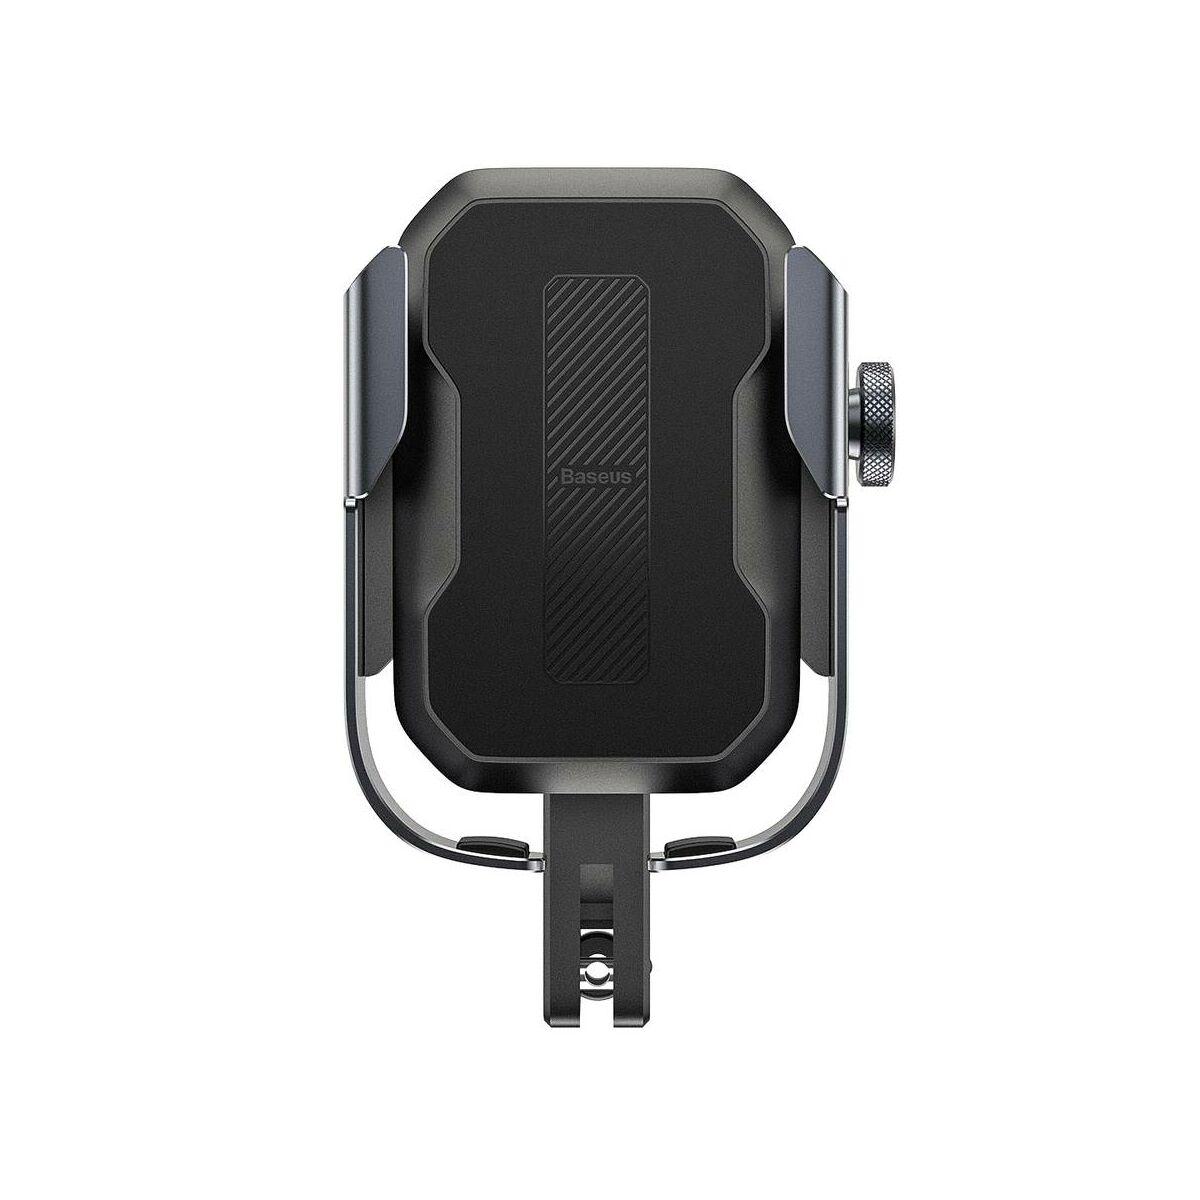 Baseus Motorbiciklire szerelhető Armor biztonságos telefontartó (biciklire is felszerelhető), fekete (SUKJA-01)